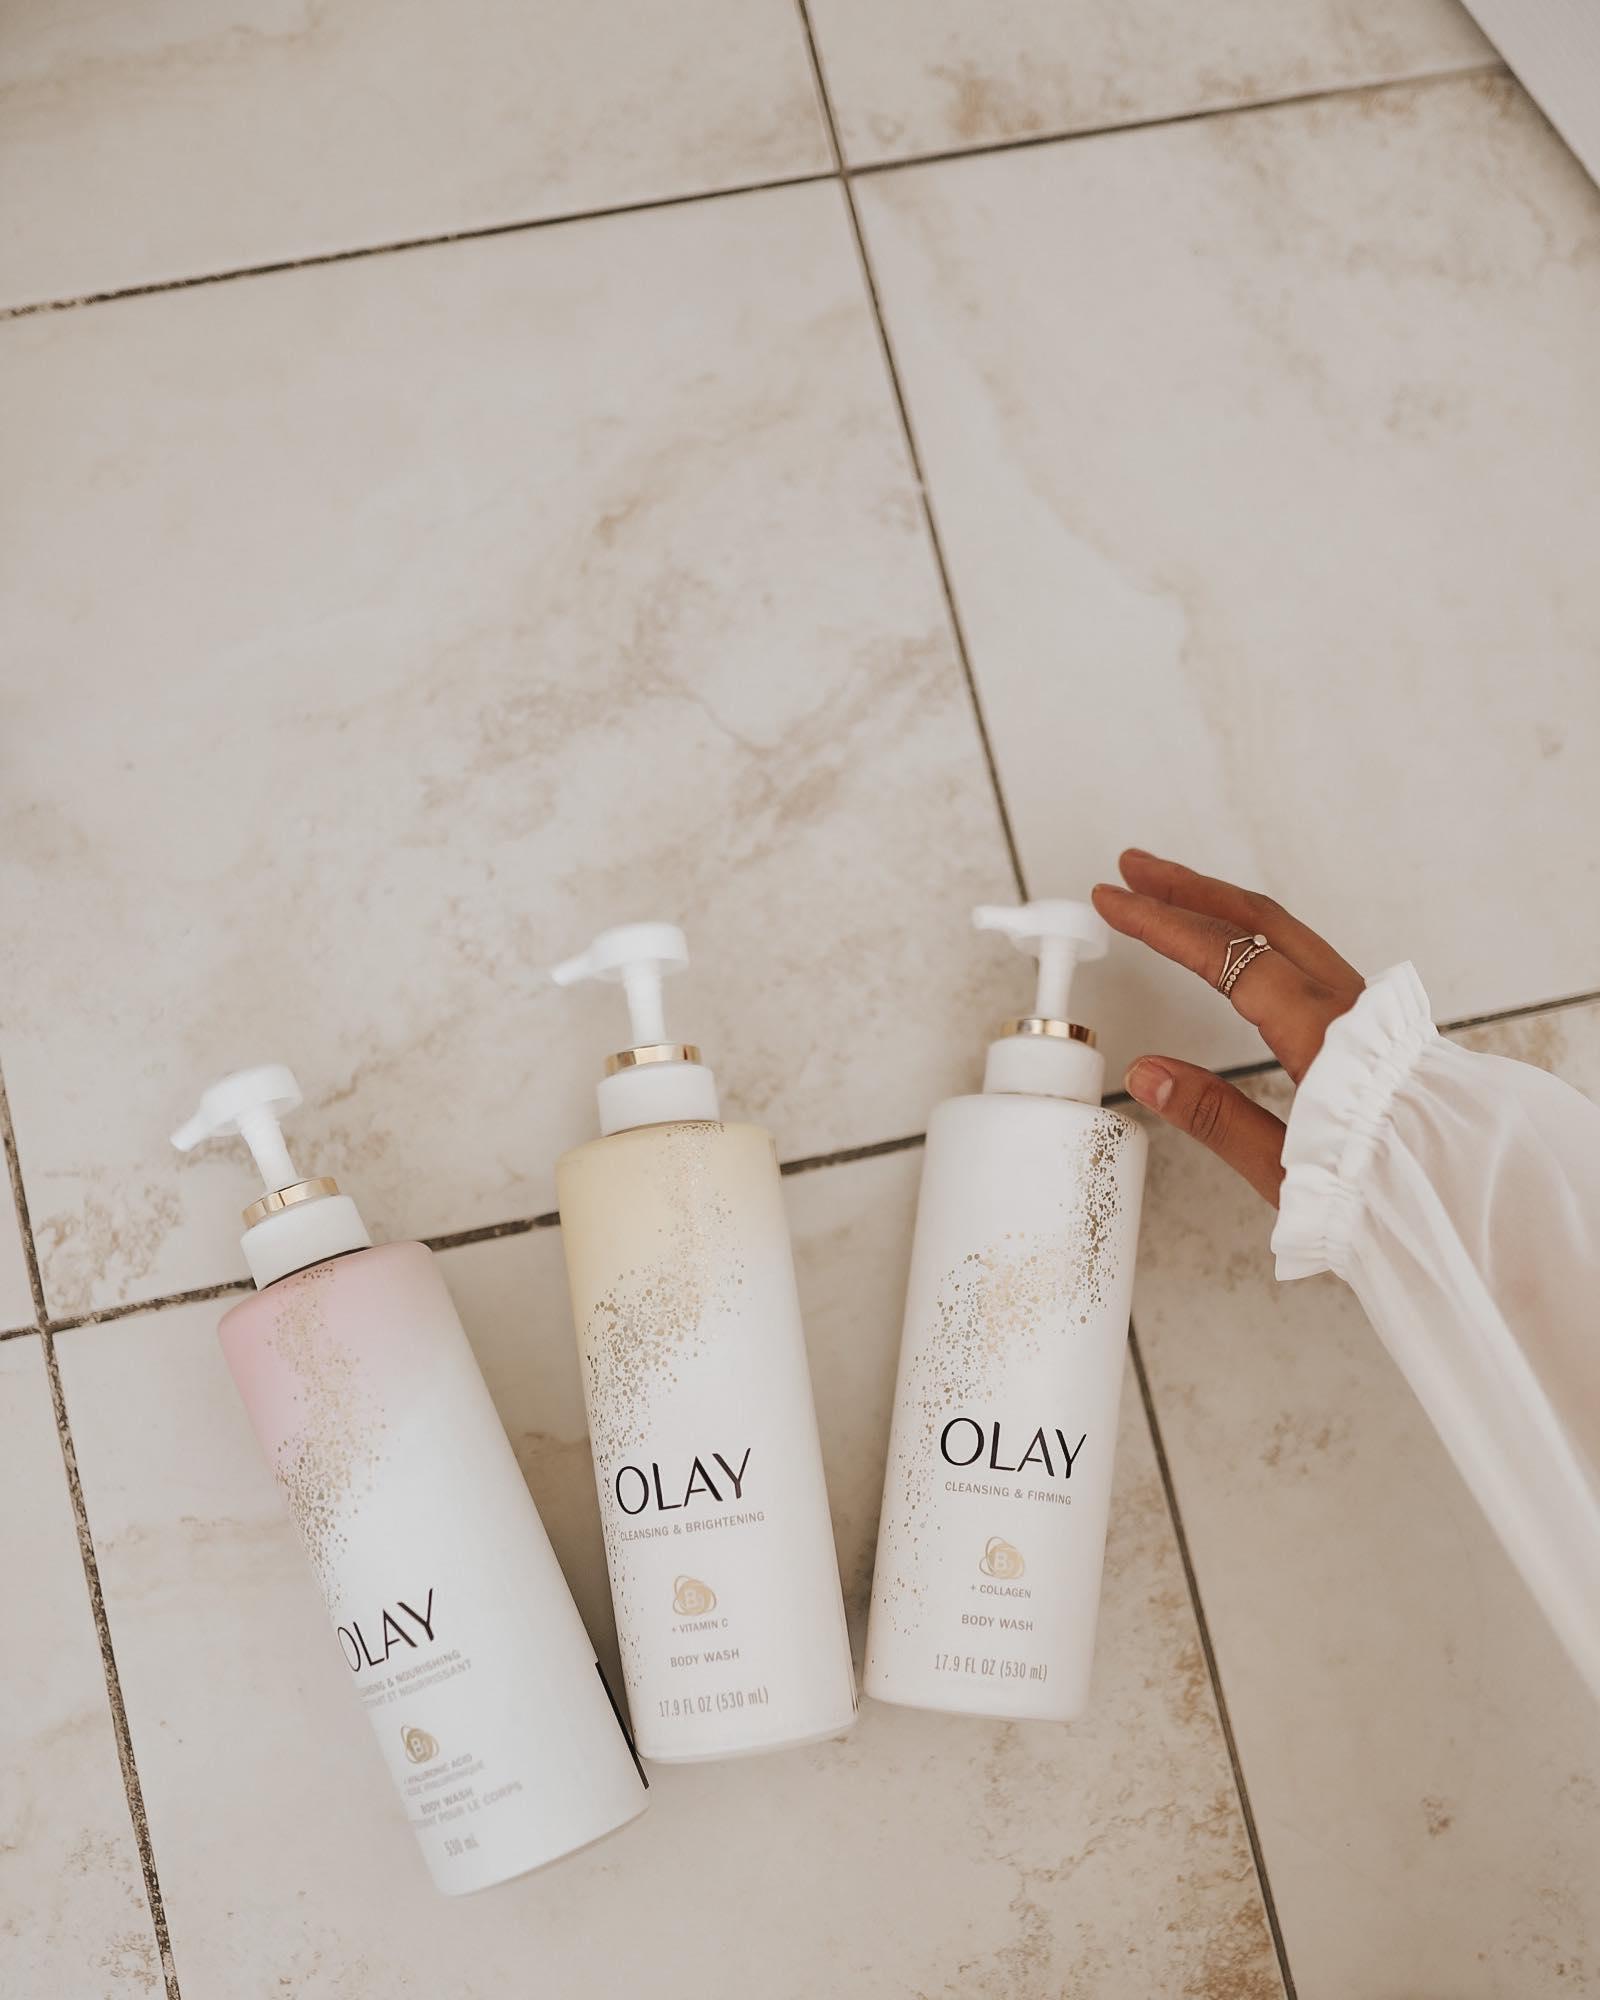 Collagen Body Wash